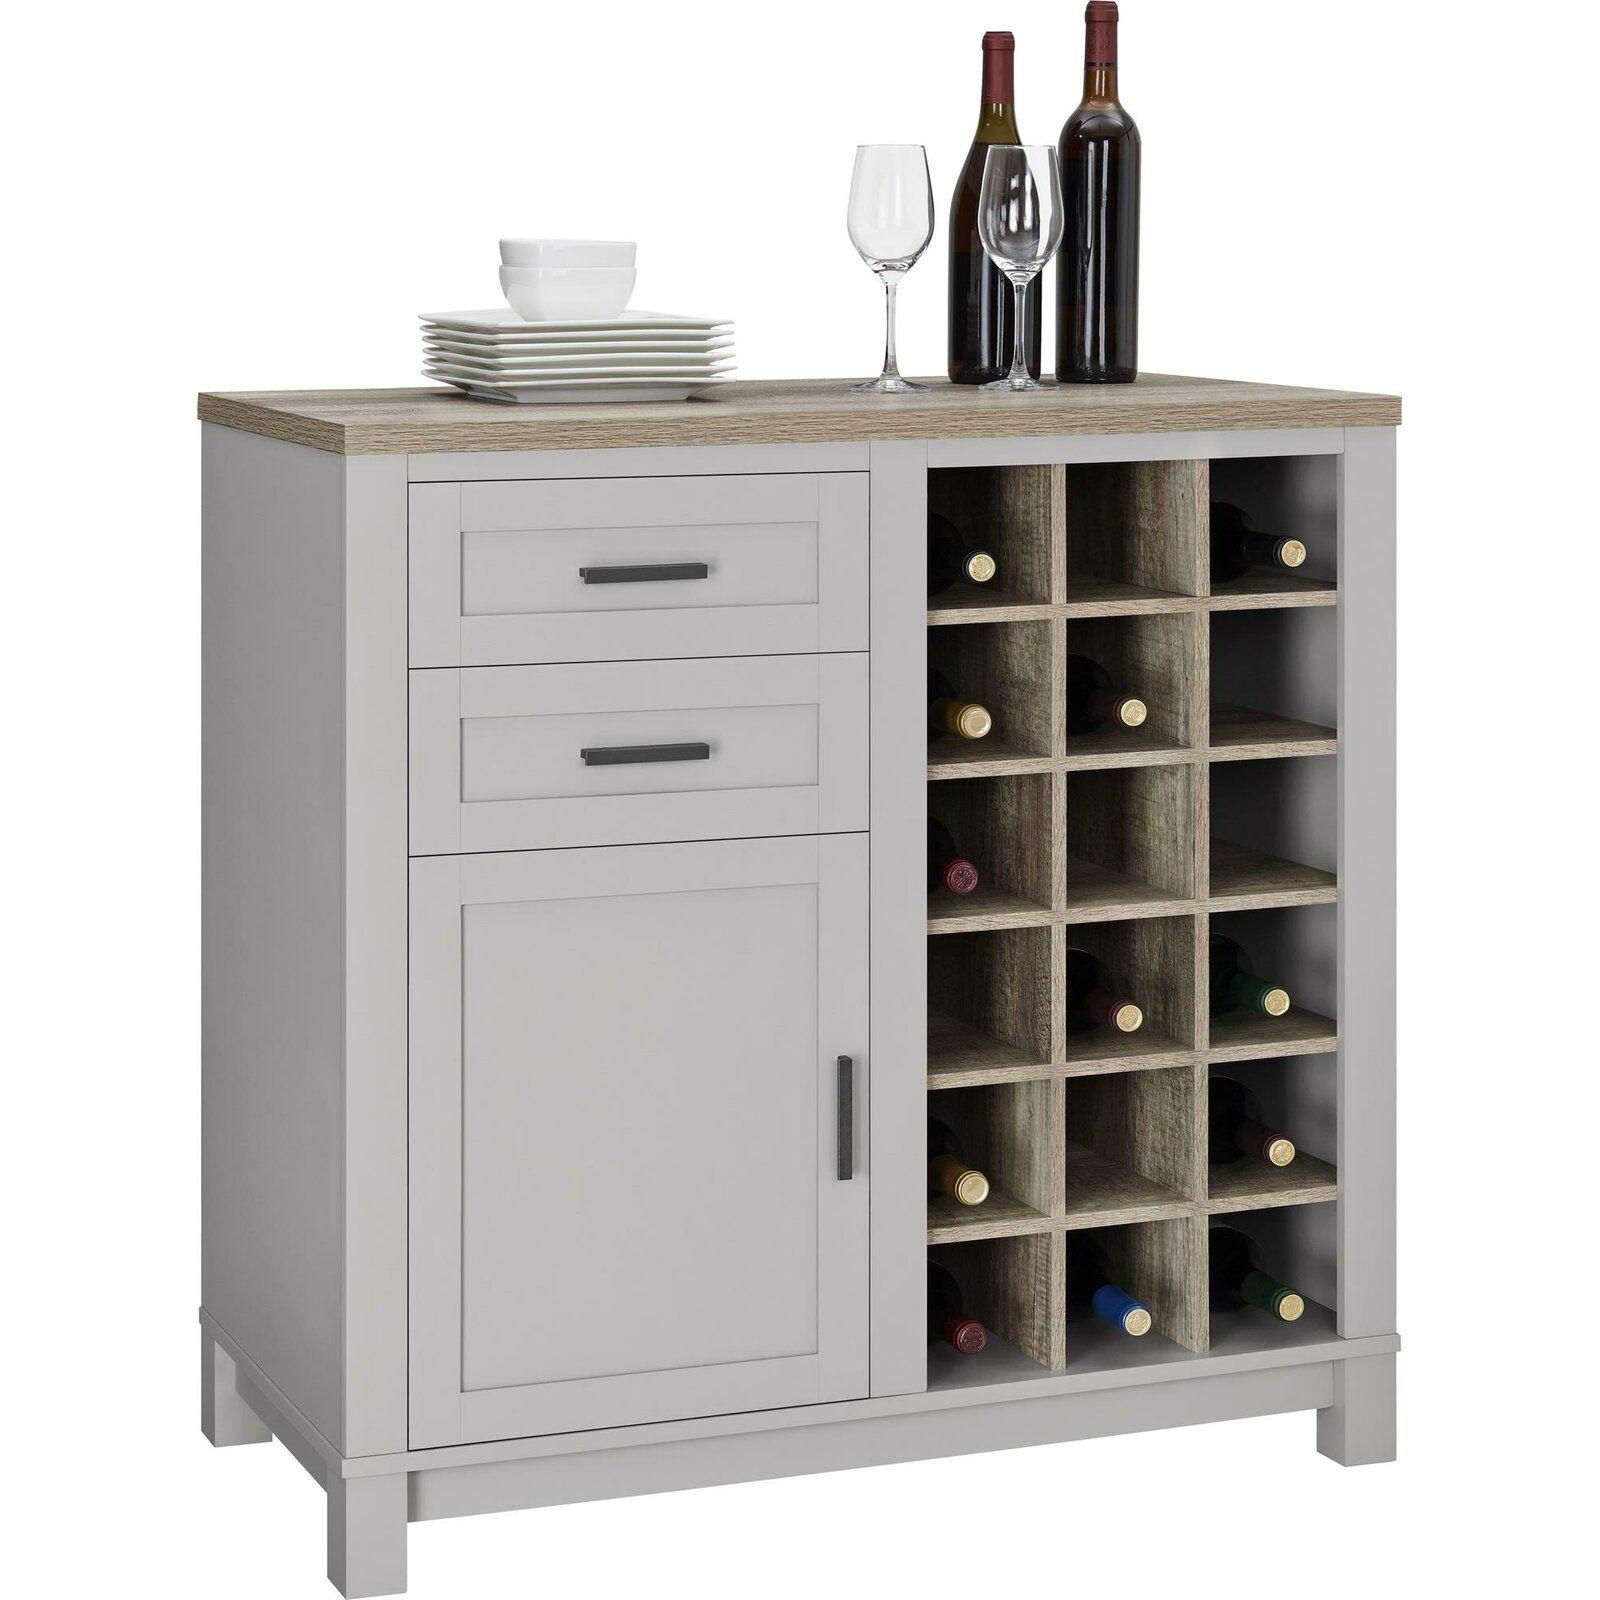 Zahara Bar Cabinet With Wine Storage Wine Cabinets Bars